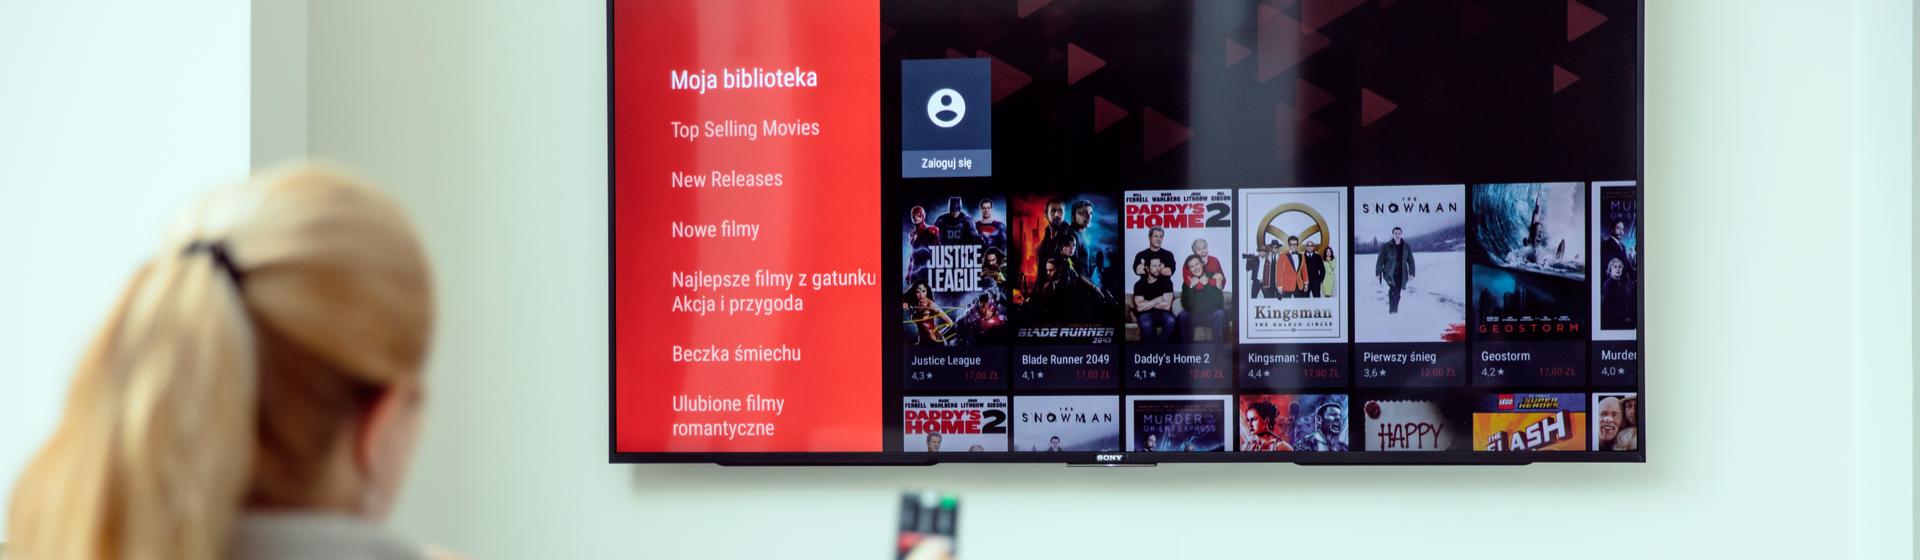 Melhor TV com Android 2020: conheça 6 modelos